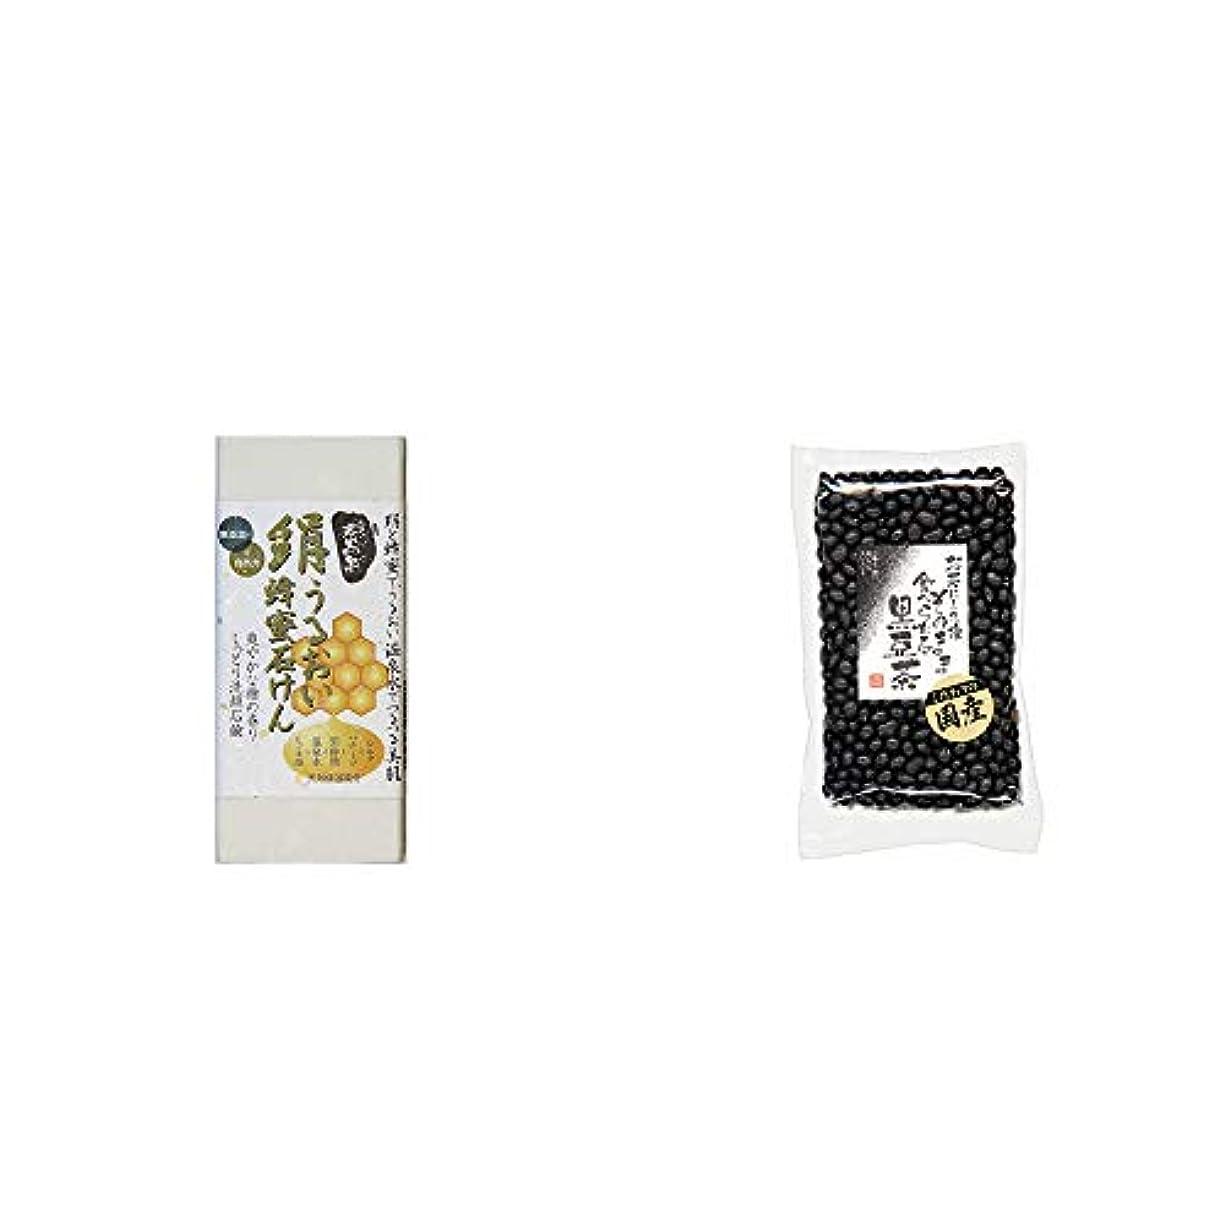 悪化させるセンチメートルファシズム[2点セット] ひのき炭黒泉 絹うるおい蜂蜜石けん(75g×2)?国産 黒豆茶(200g)